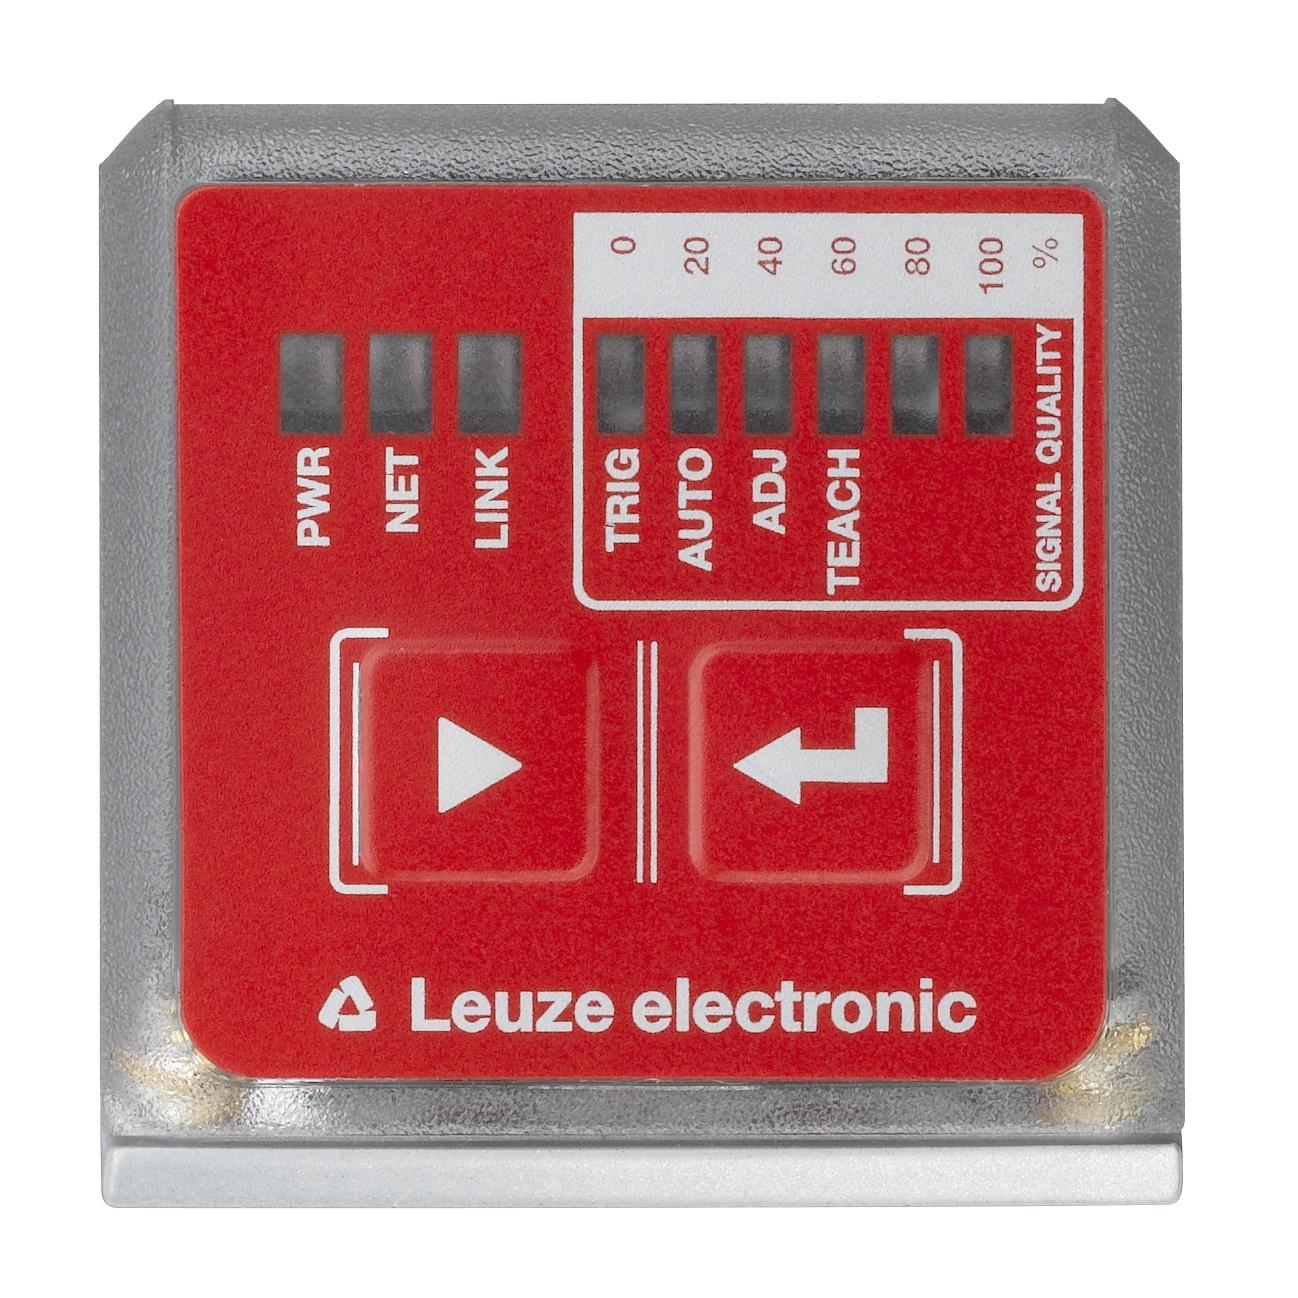 Soluciones de identificación para la industria de envase y embalaje por Leuze